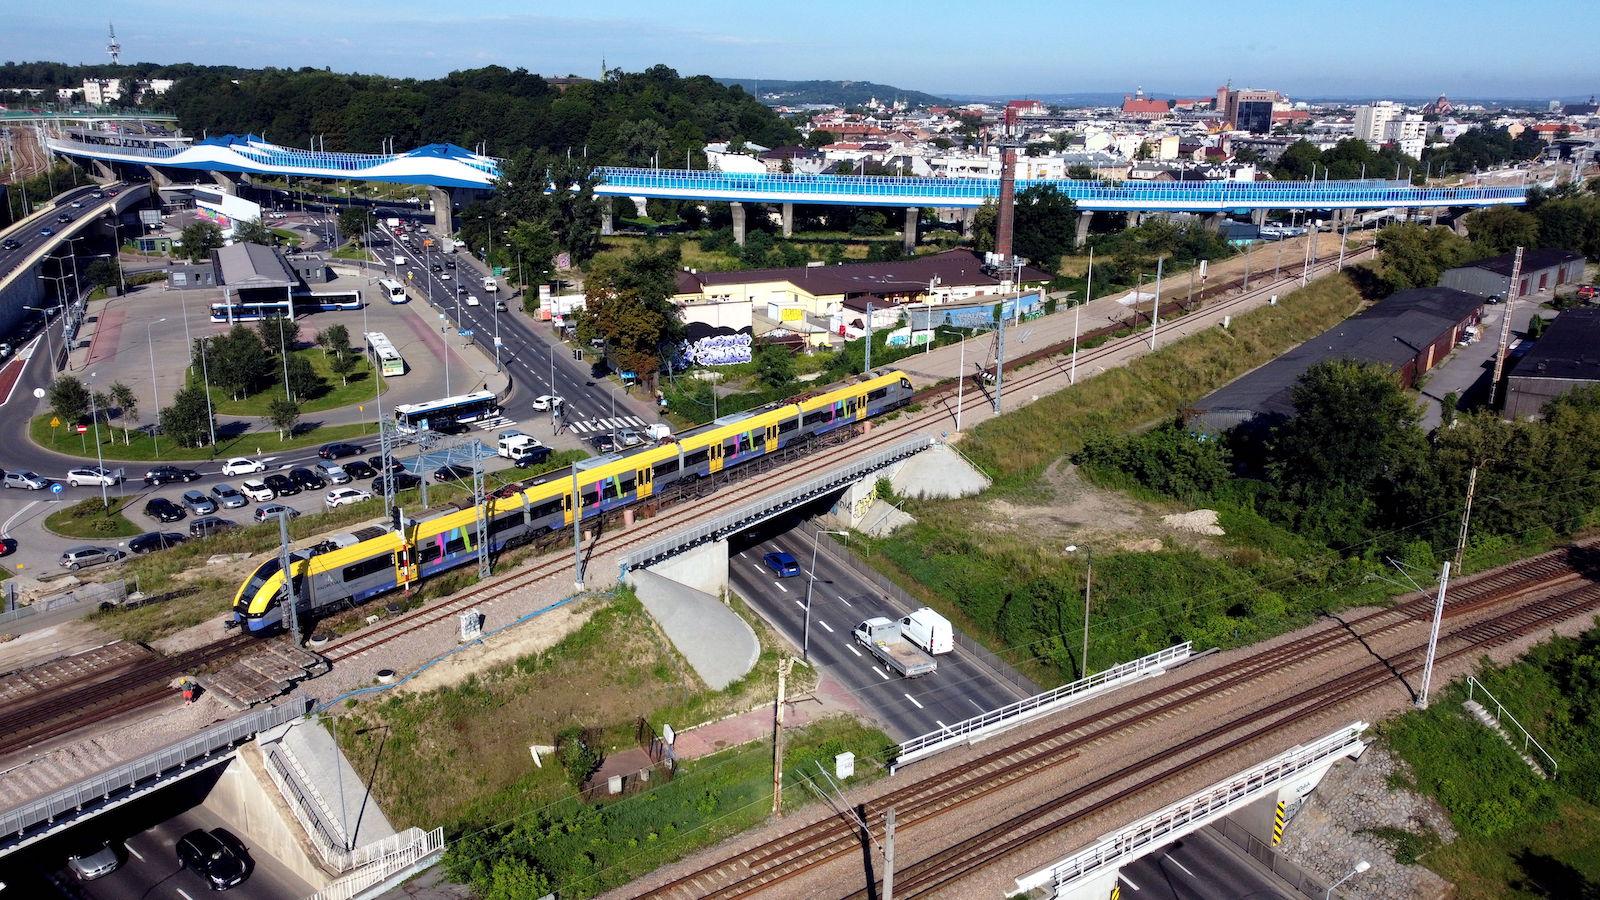 Pociąg przejeżdża przez wiadukt nad ul. Powstańców Wielkopolskich